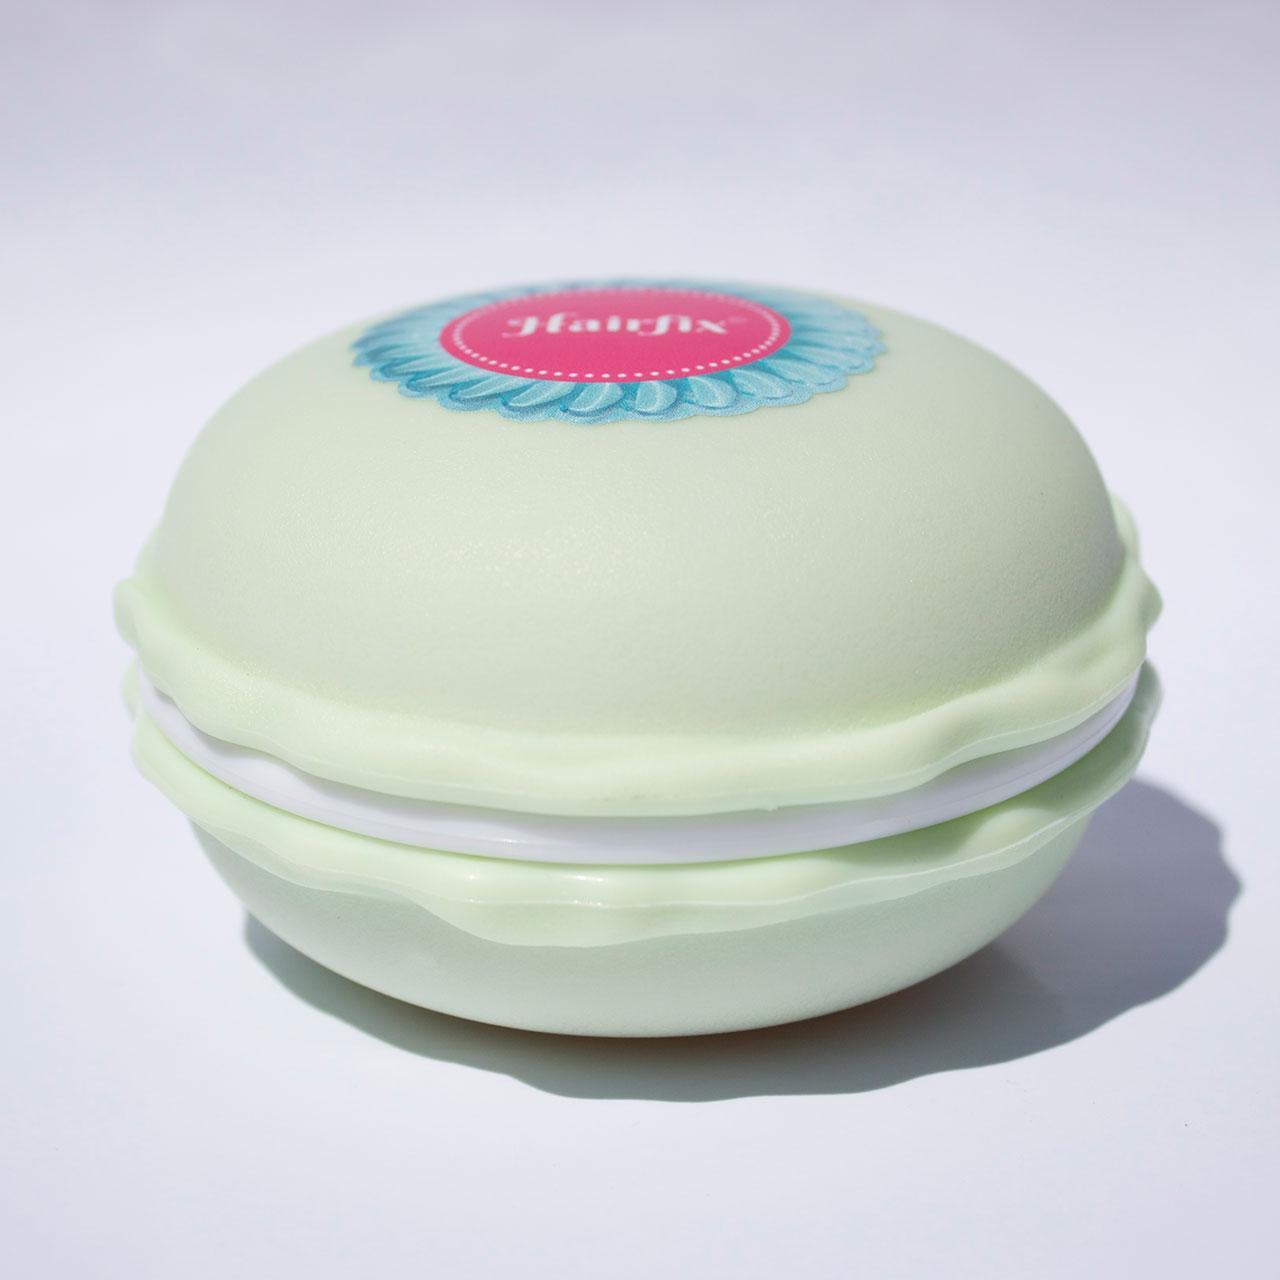 Mentolová krabička na gumičky Hairfix - Macaron Box Mint